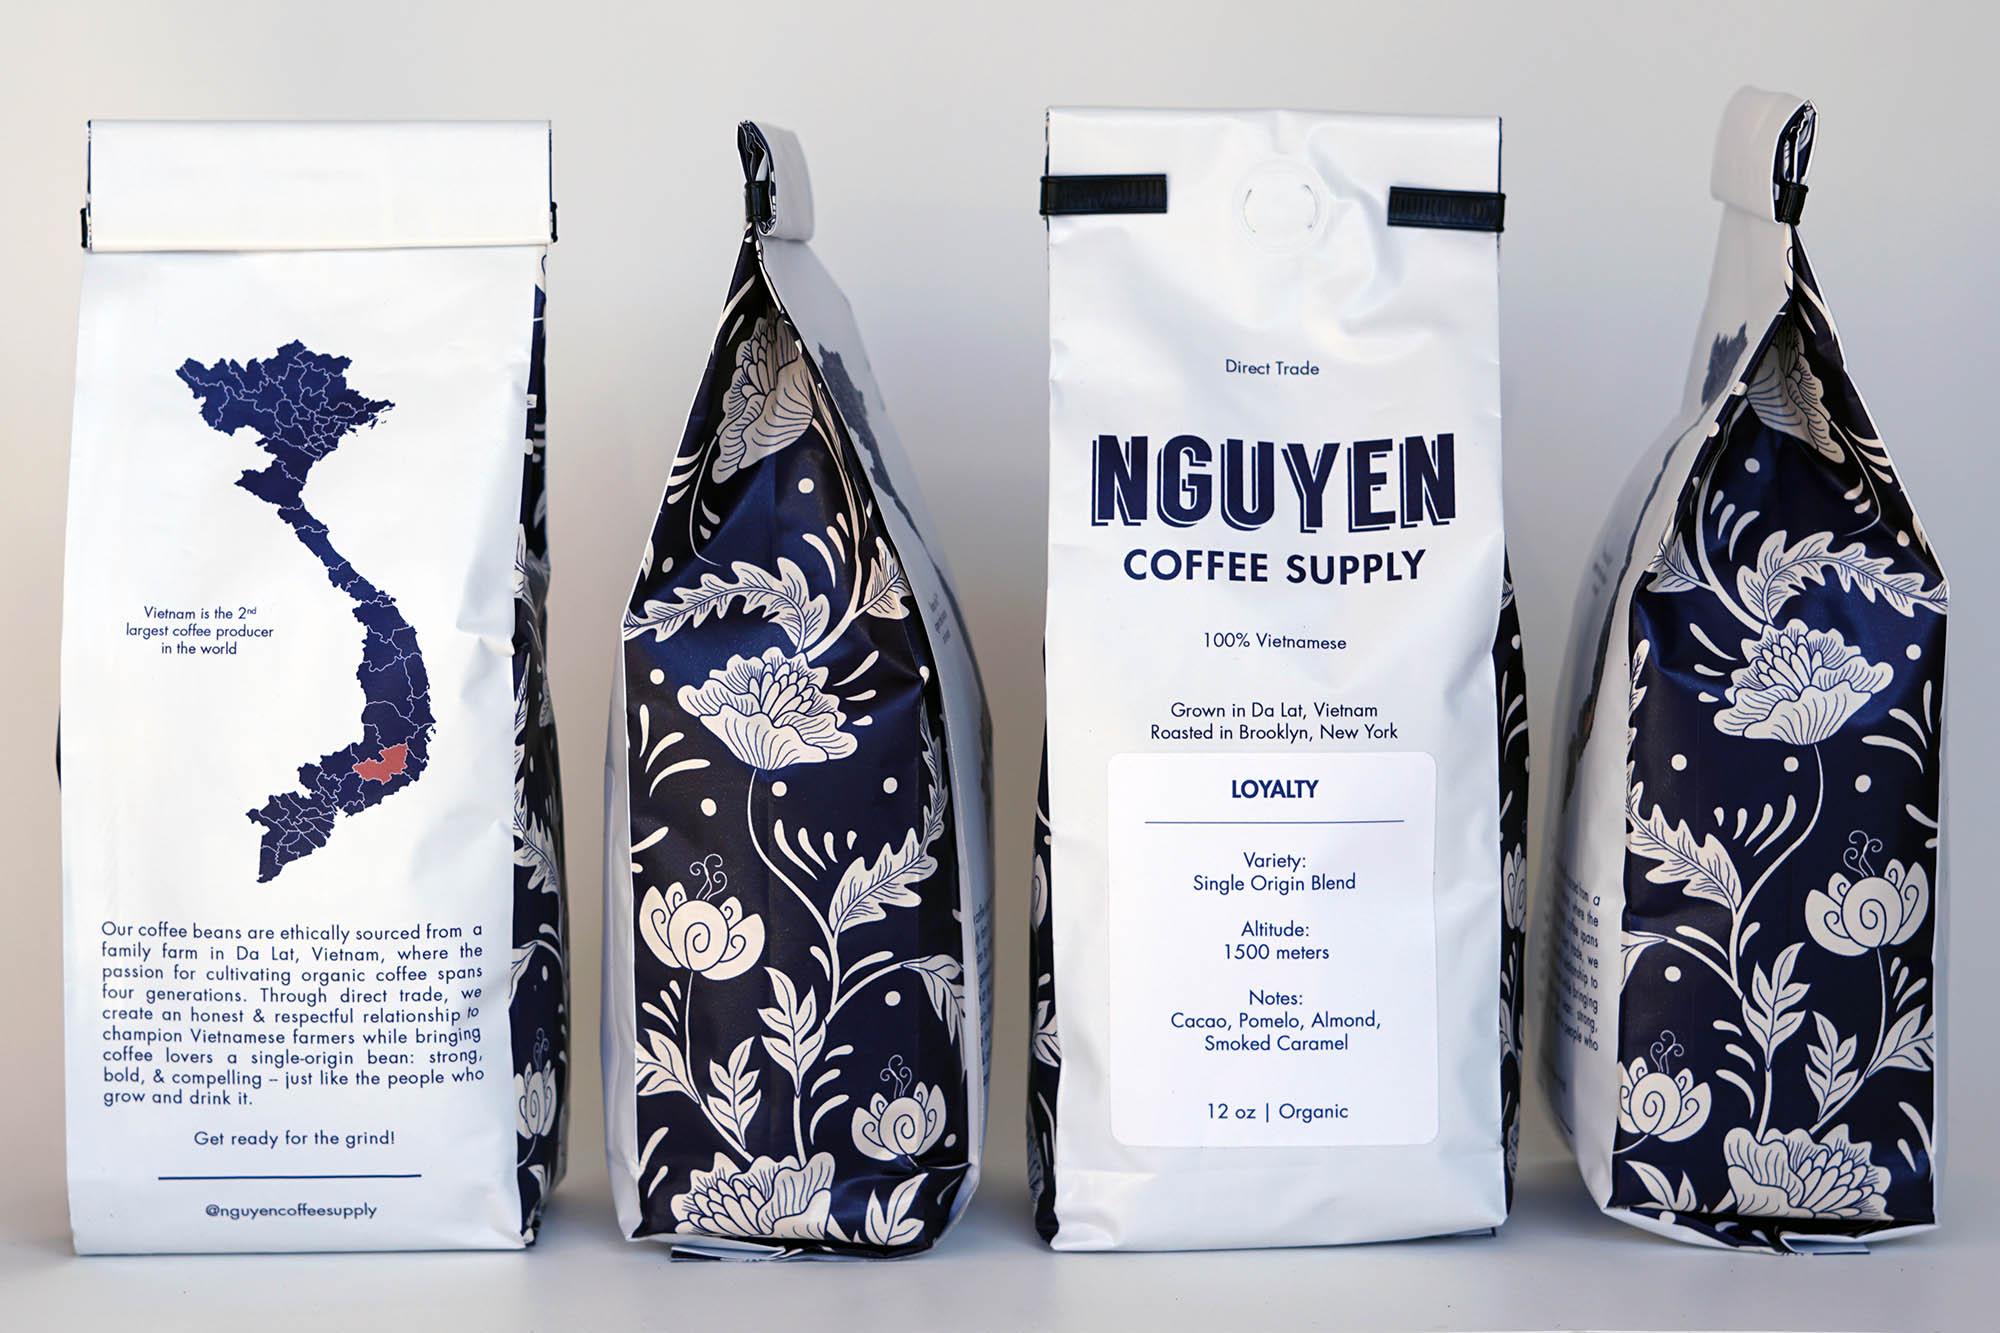 nguyencoffeesupply-5